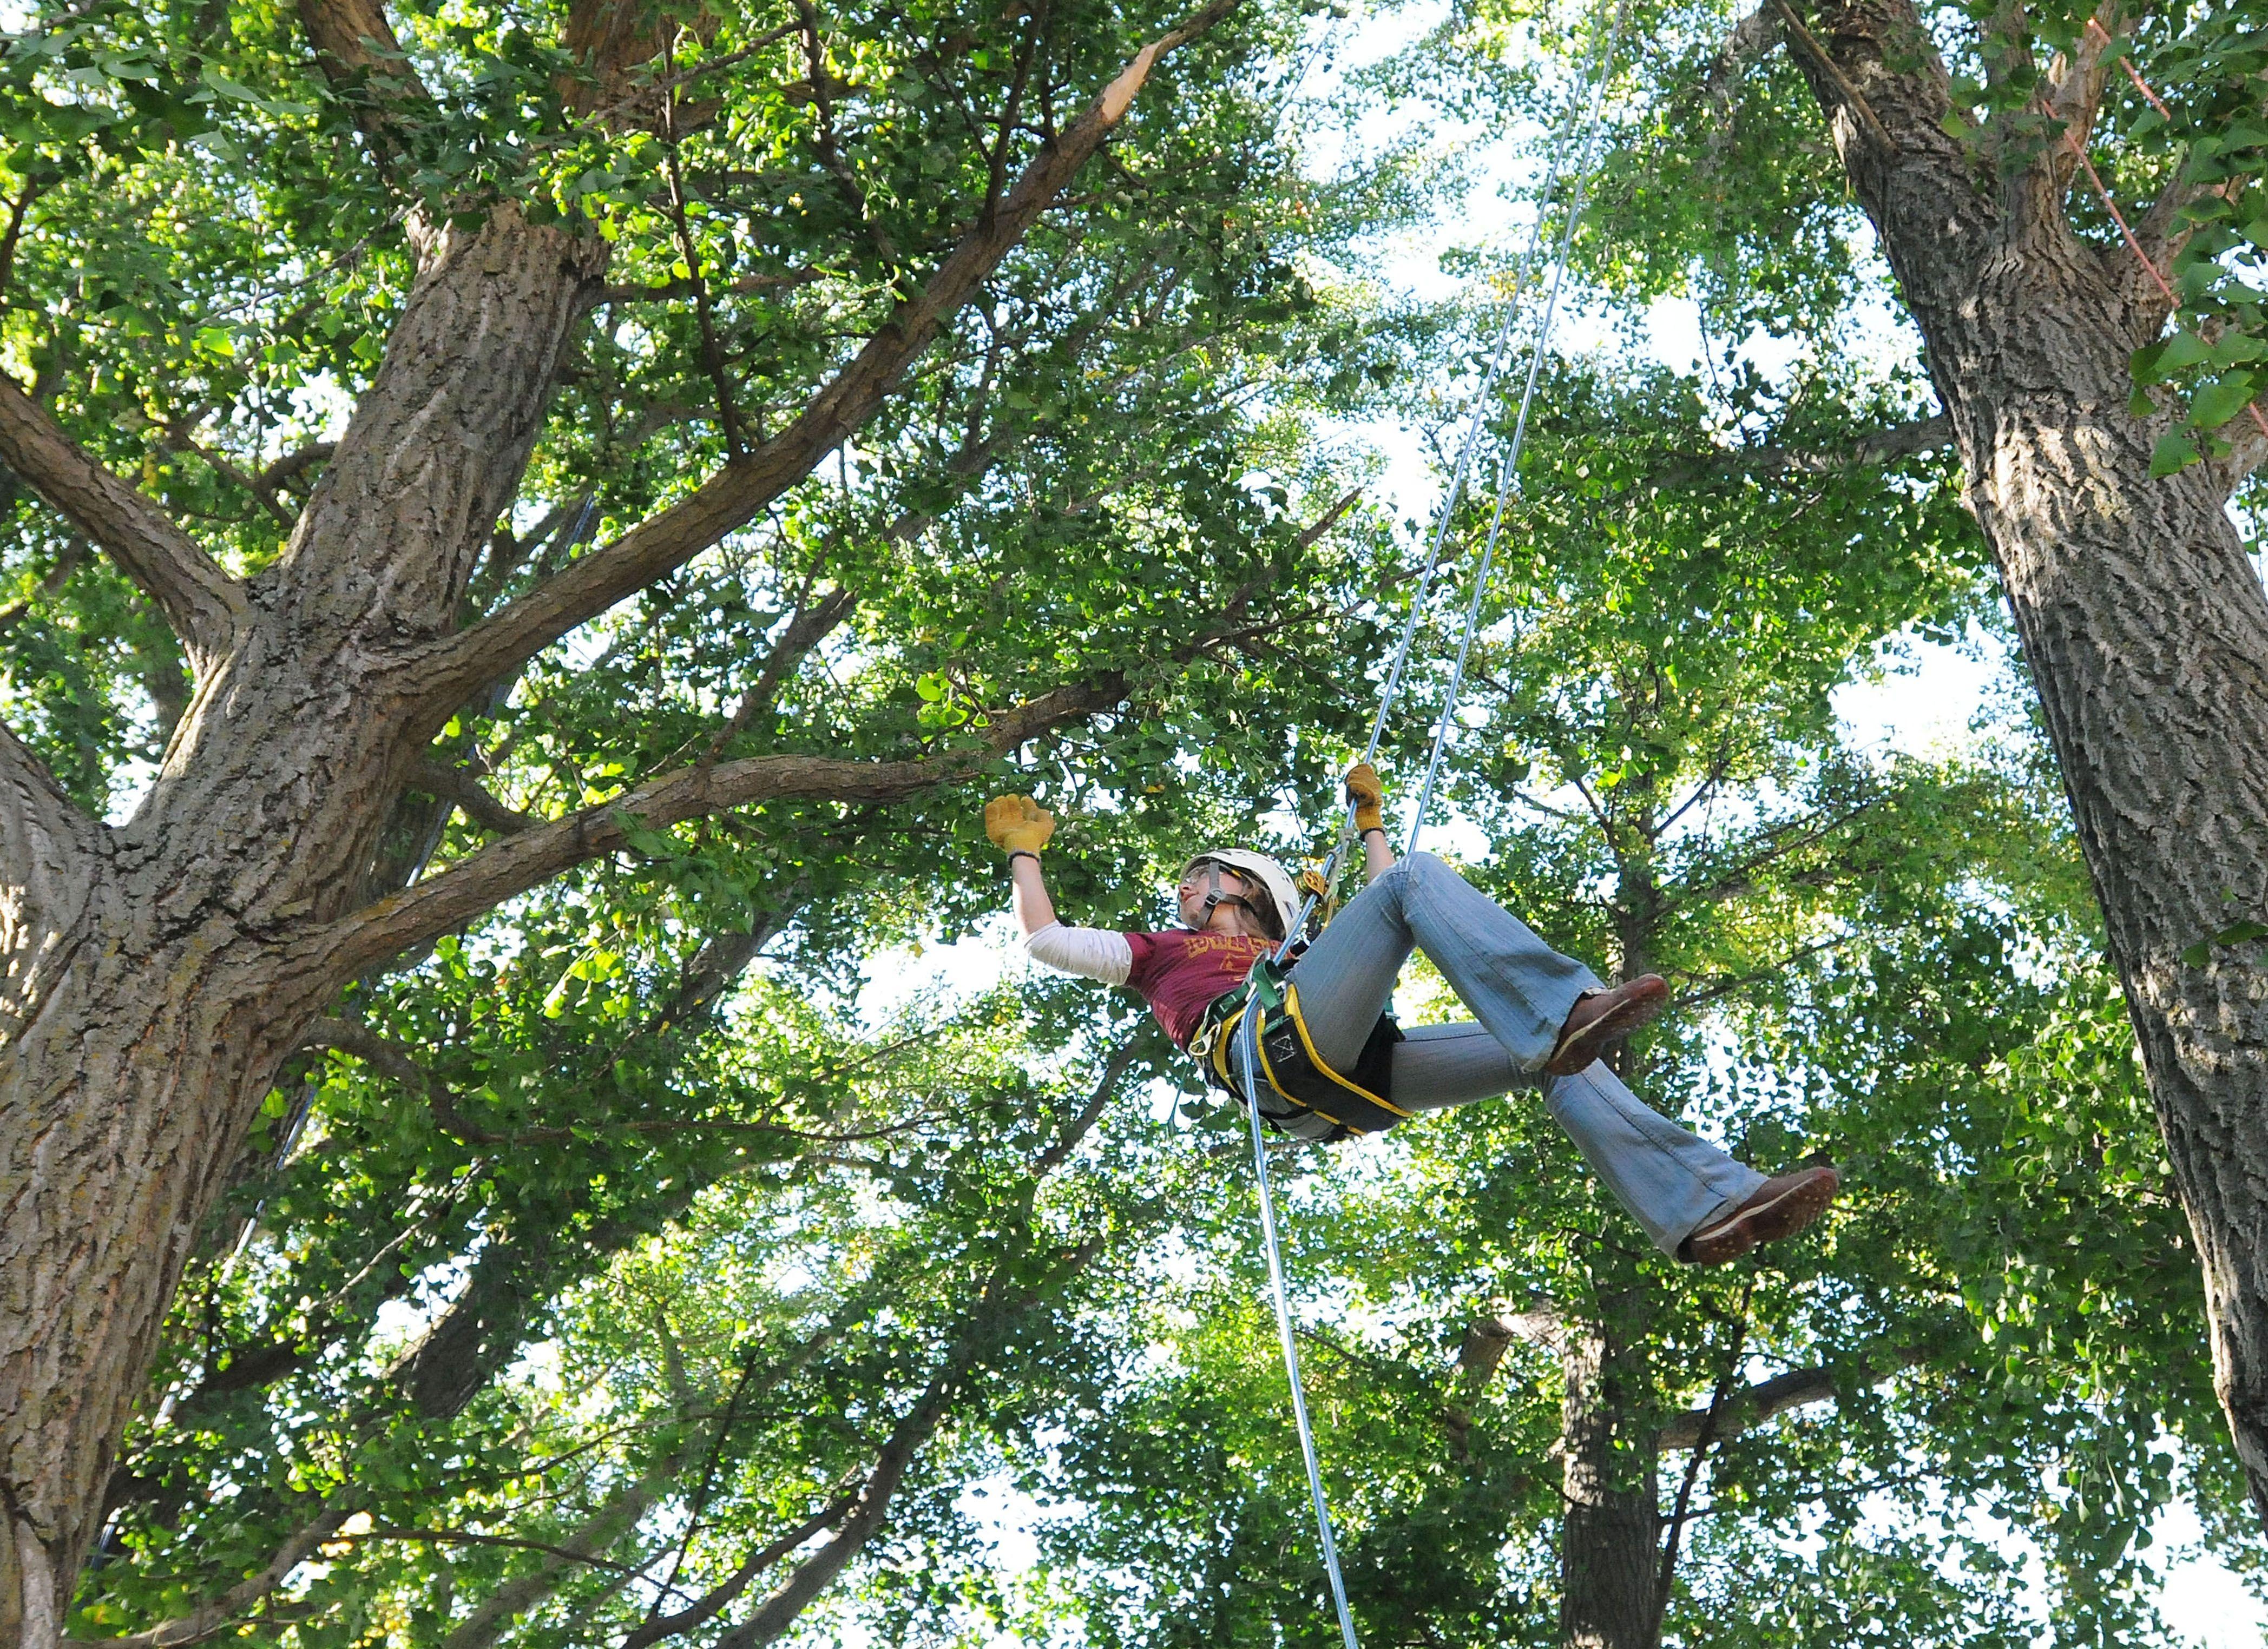 Iowa State University Student Maia Van Holsteijn, 21, Swings Between